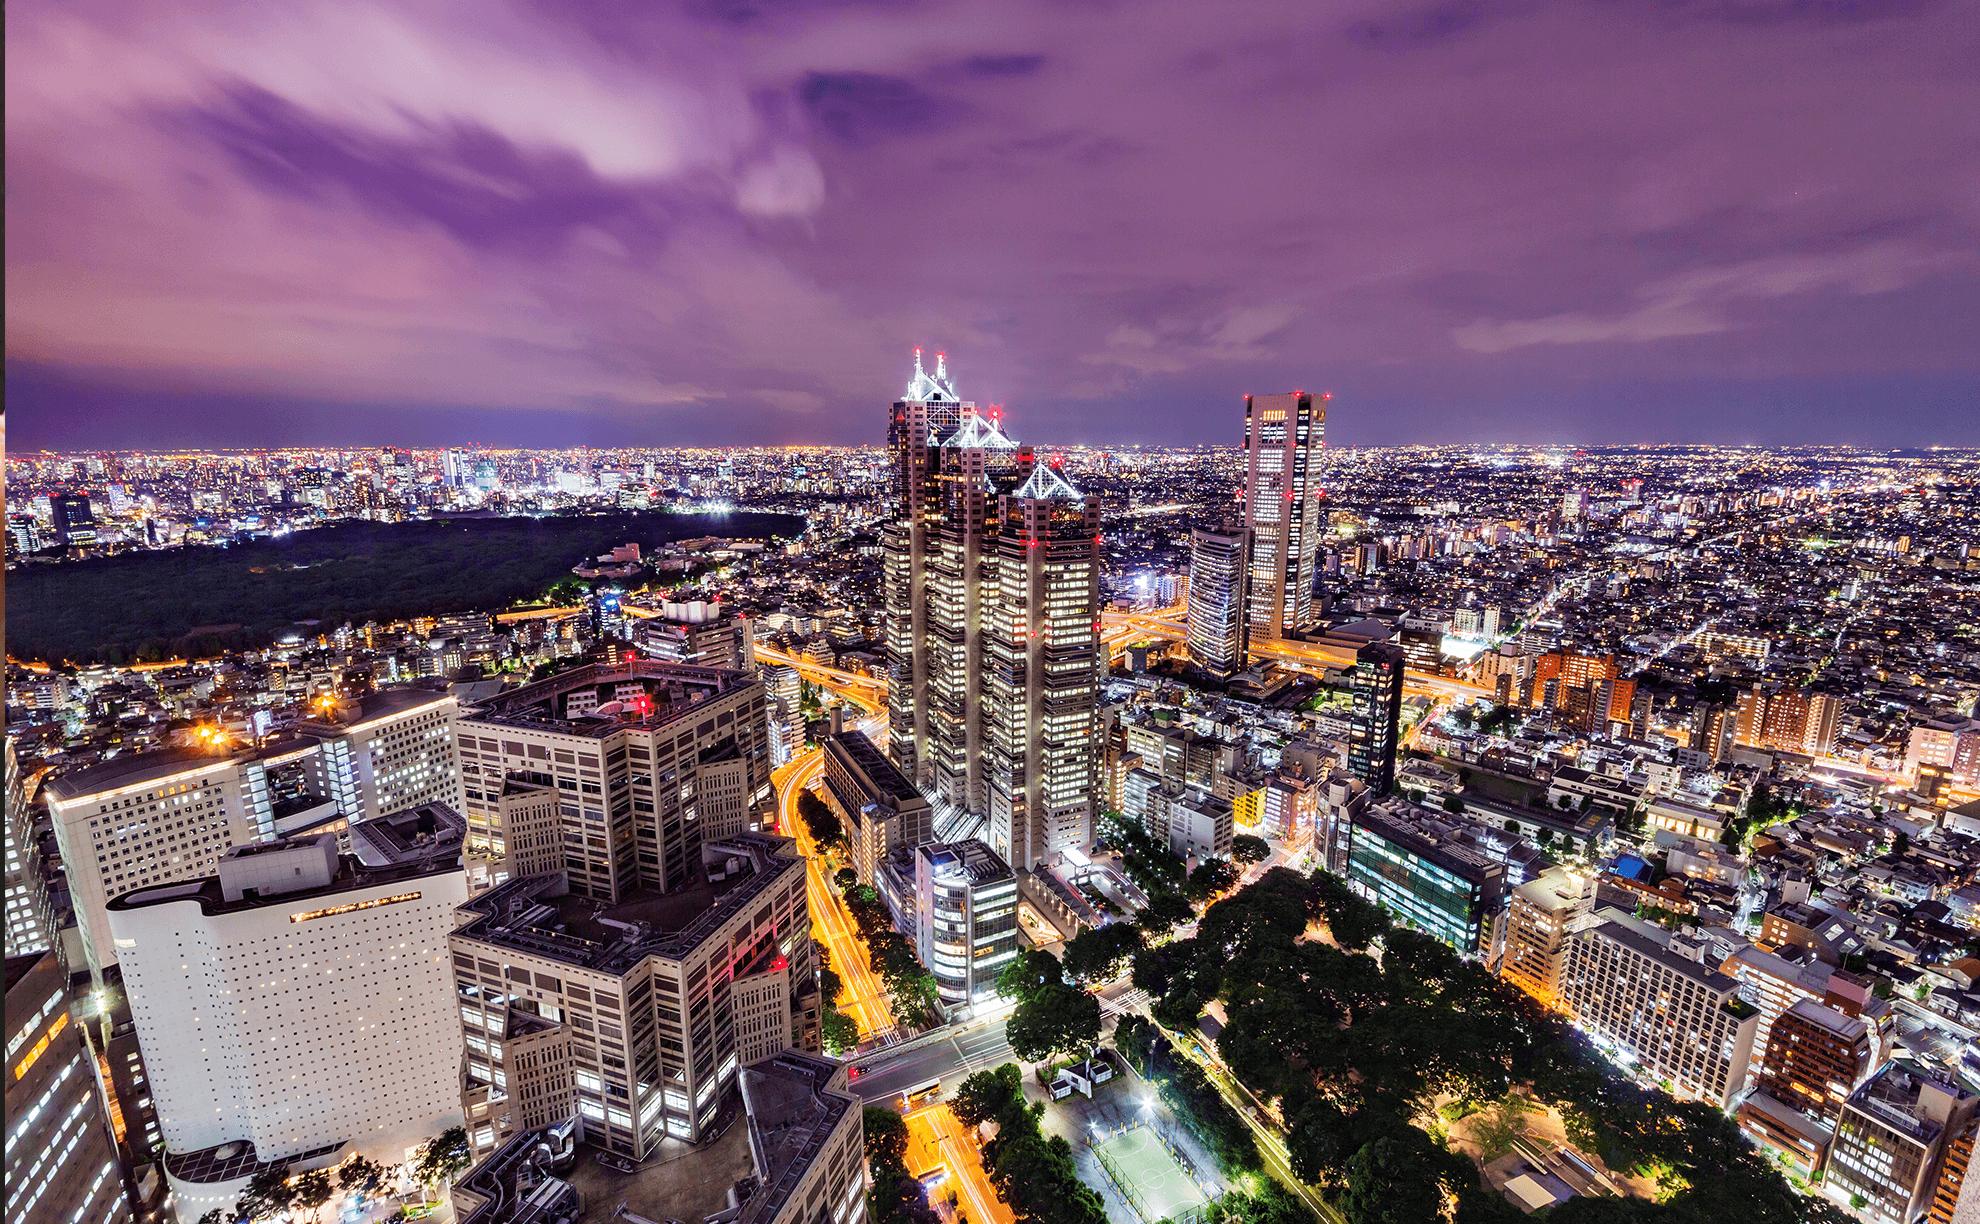 大阪・兵庫・関西圏での電気設備工事なら直電設株式会社へご相談ください